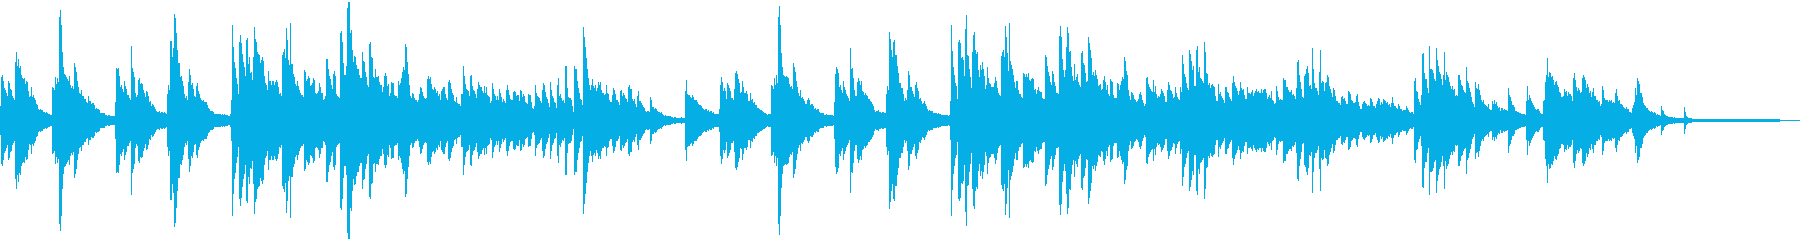 ジブリ風の幻想的なピアノバラードの再生済みの波形